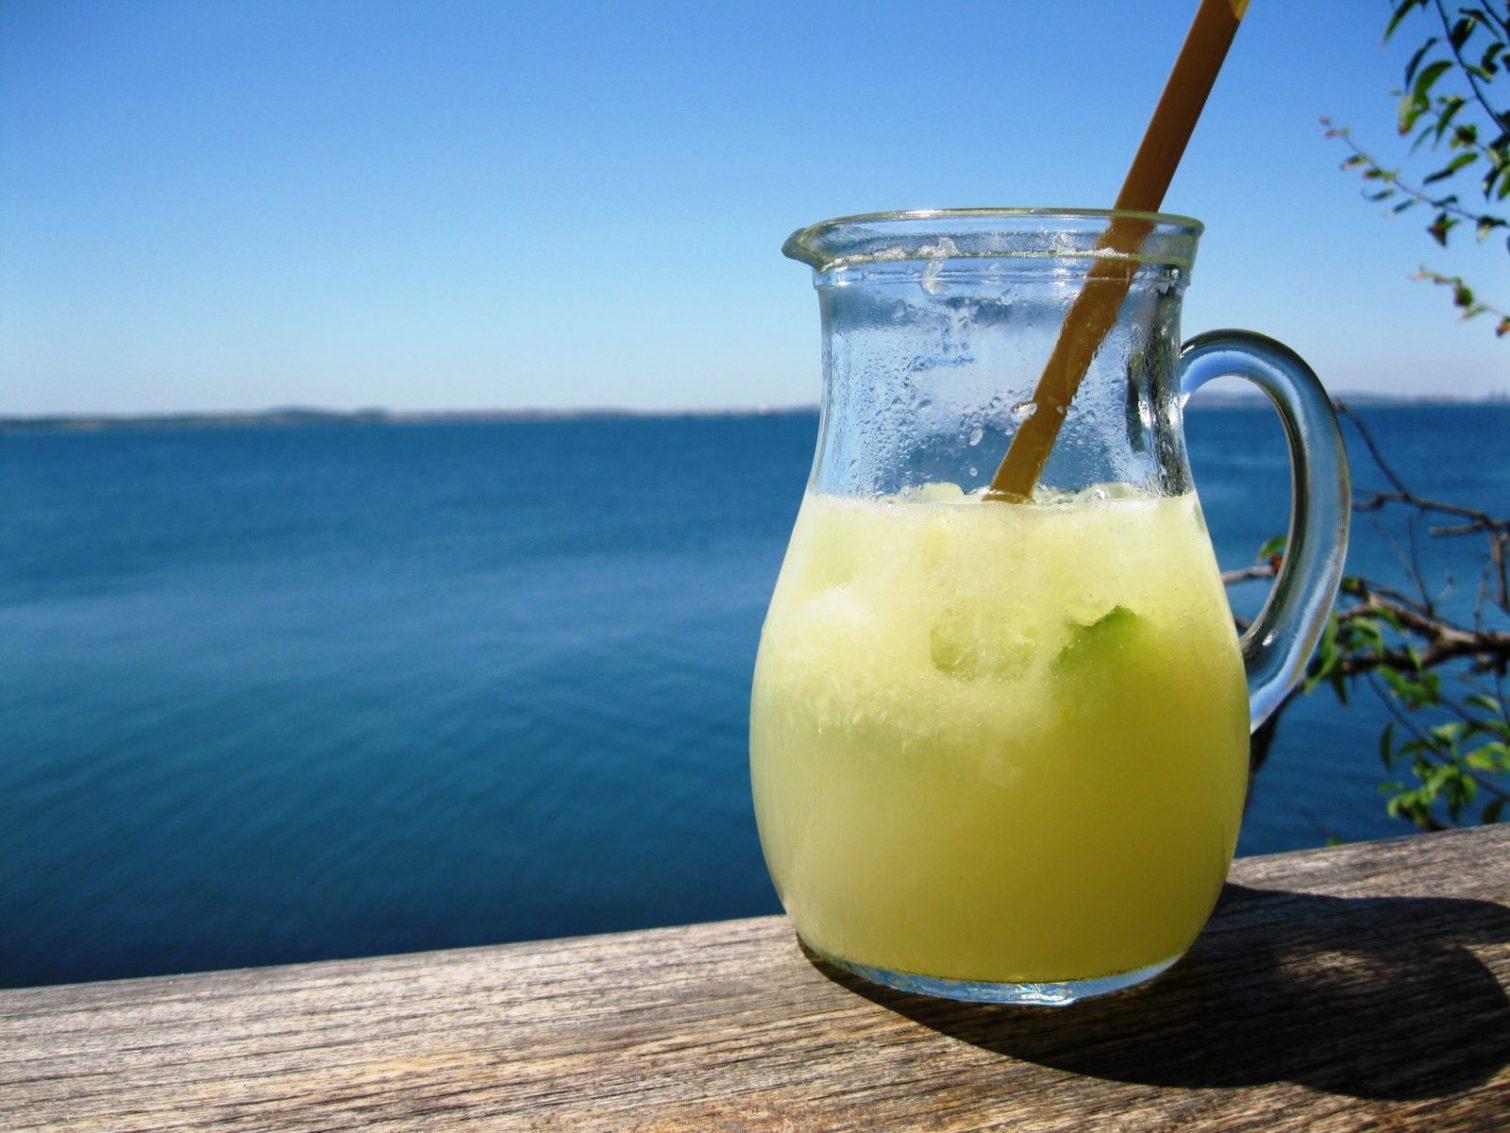 Лятото и каничка с лимонада